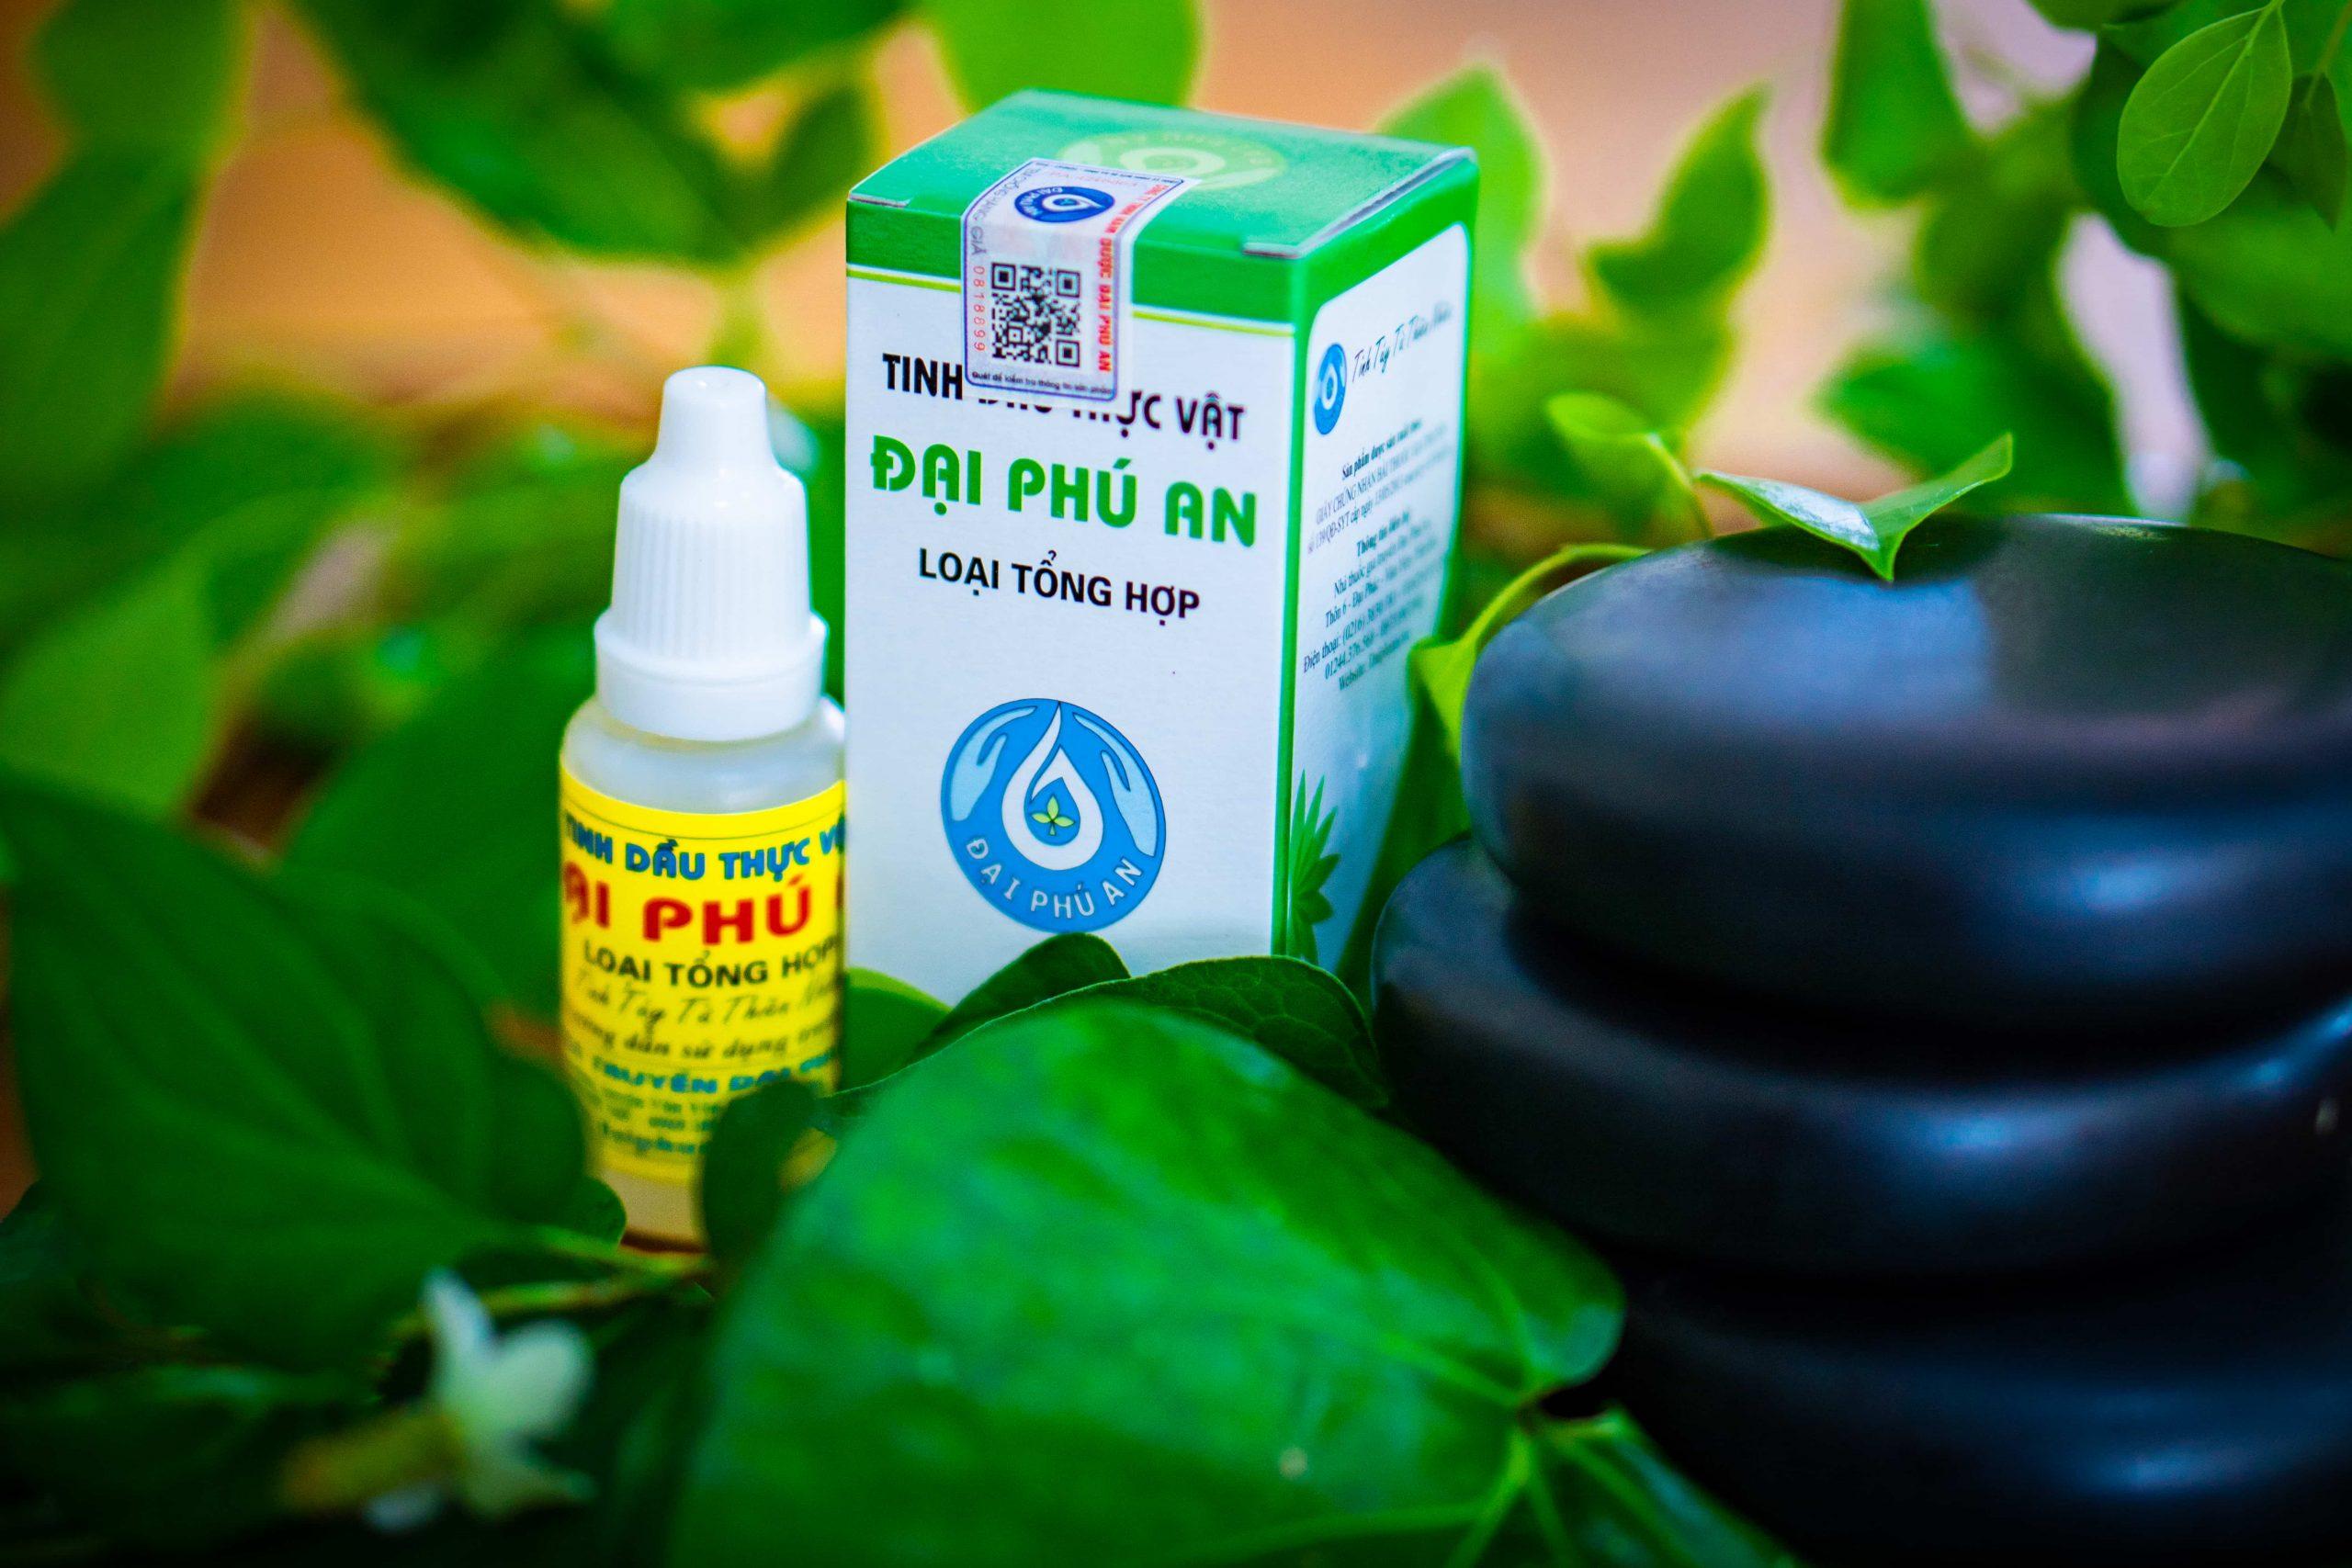 Tinh dầu thực vật Đại Phú An